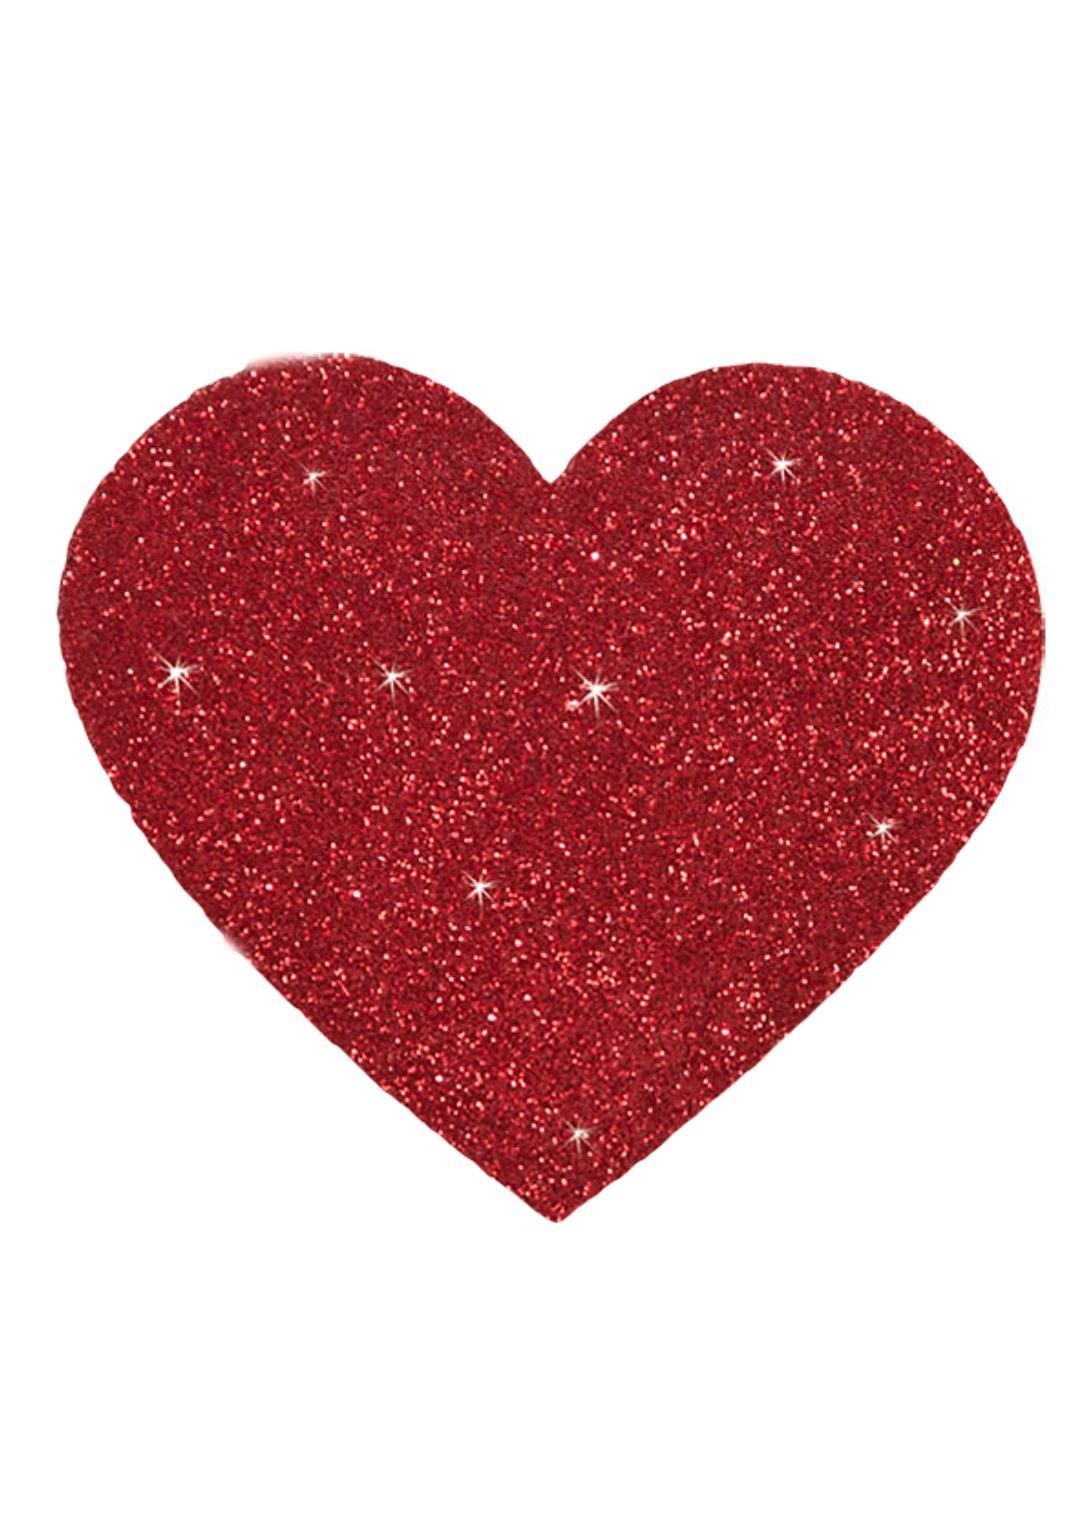 гораздо картинки блестящего сердечками информация товарах